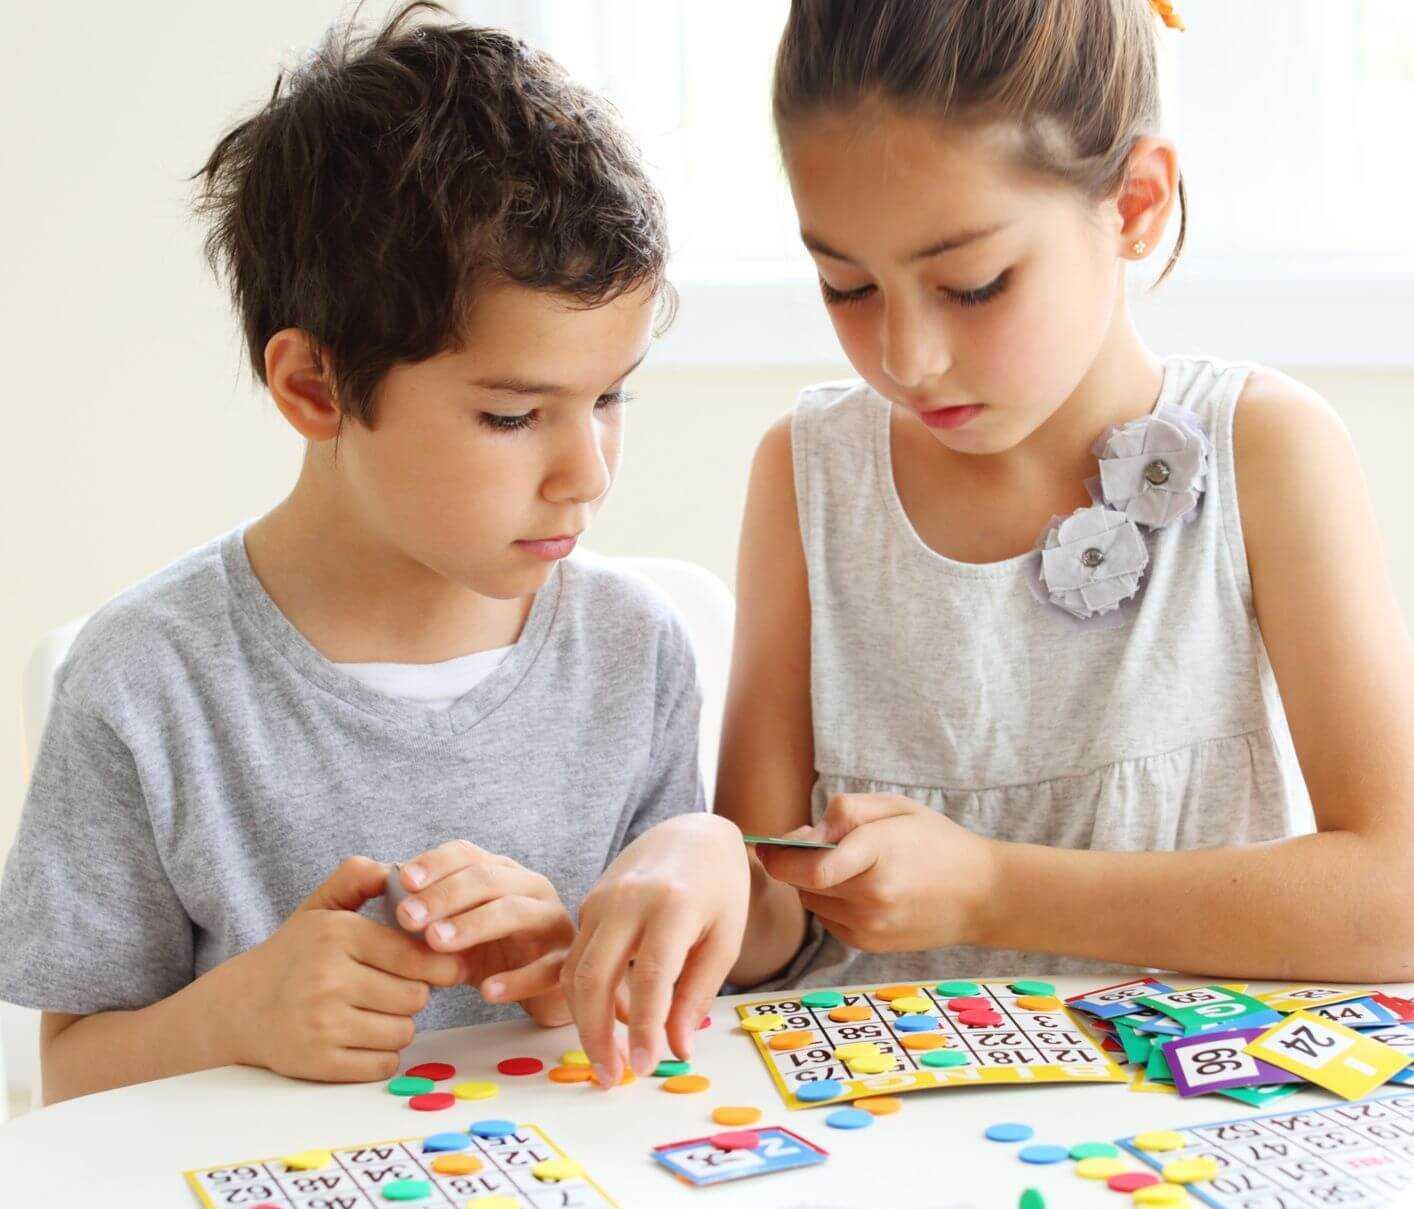 lọi ích khi chơi bingo với trẻ em